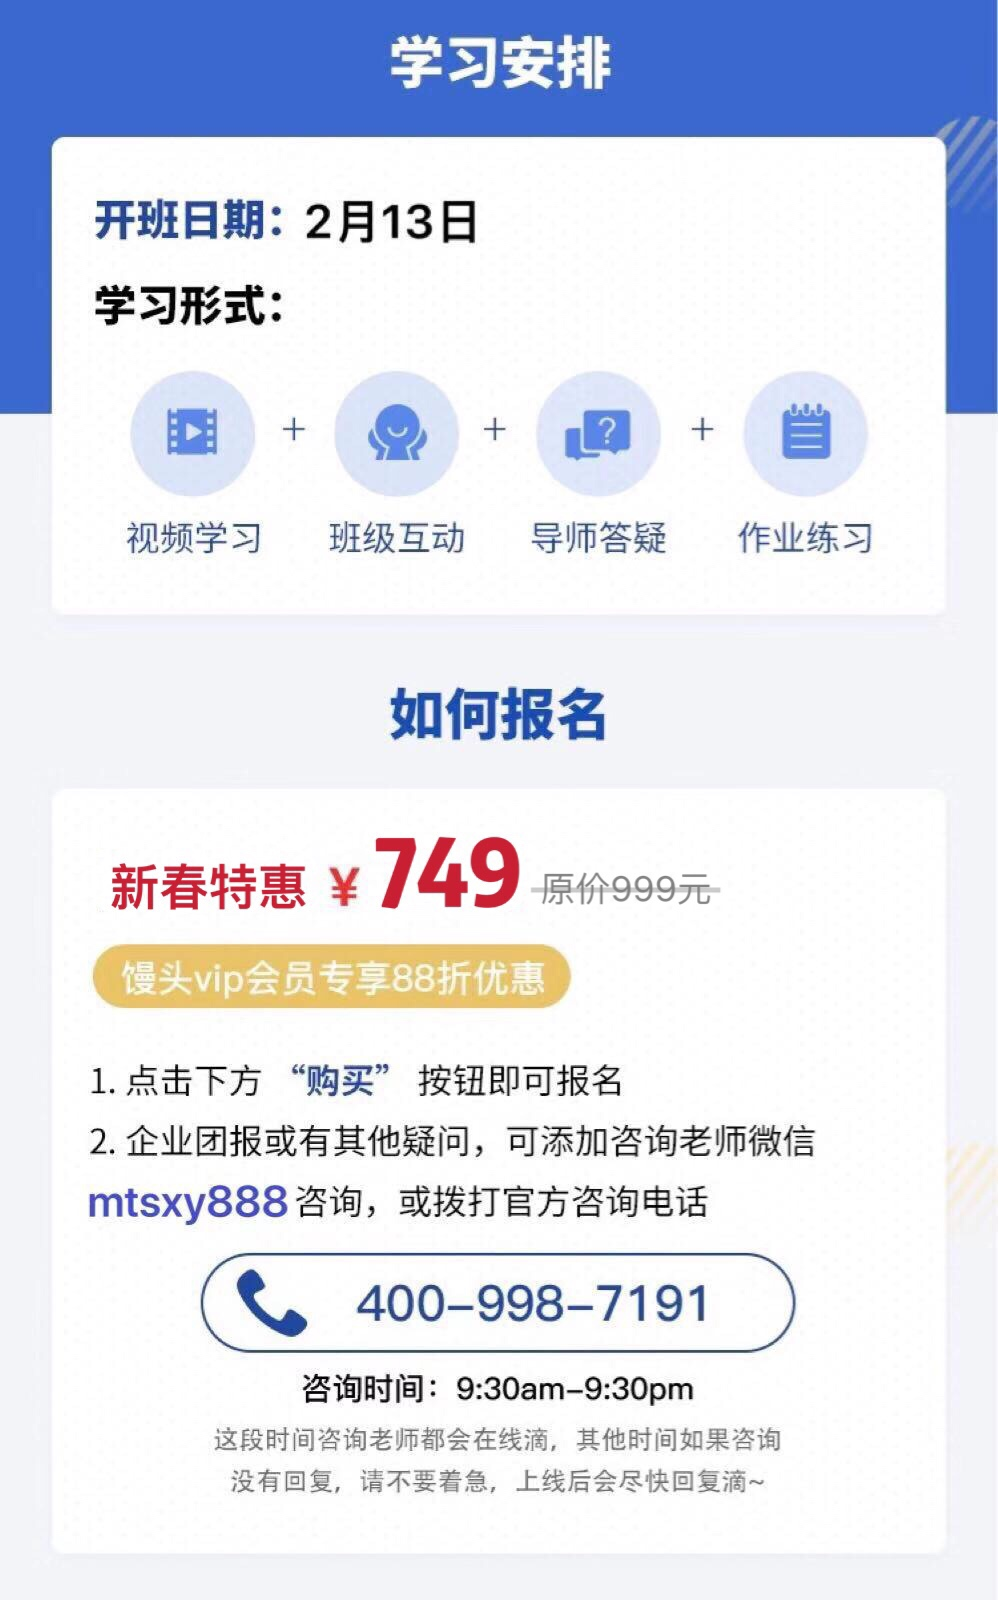 http://mtedu-img.oss-cn-beijing-internal.aliyuncs.com/ueditor/20200116232959_974305.jpeg